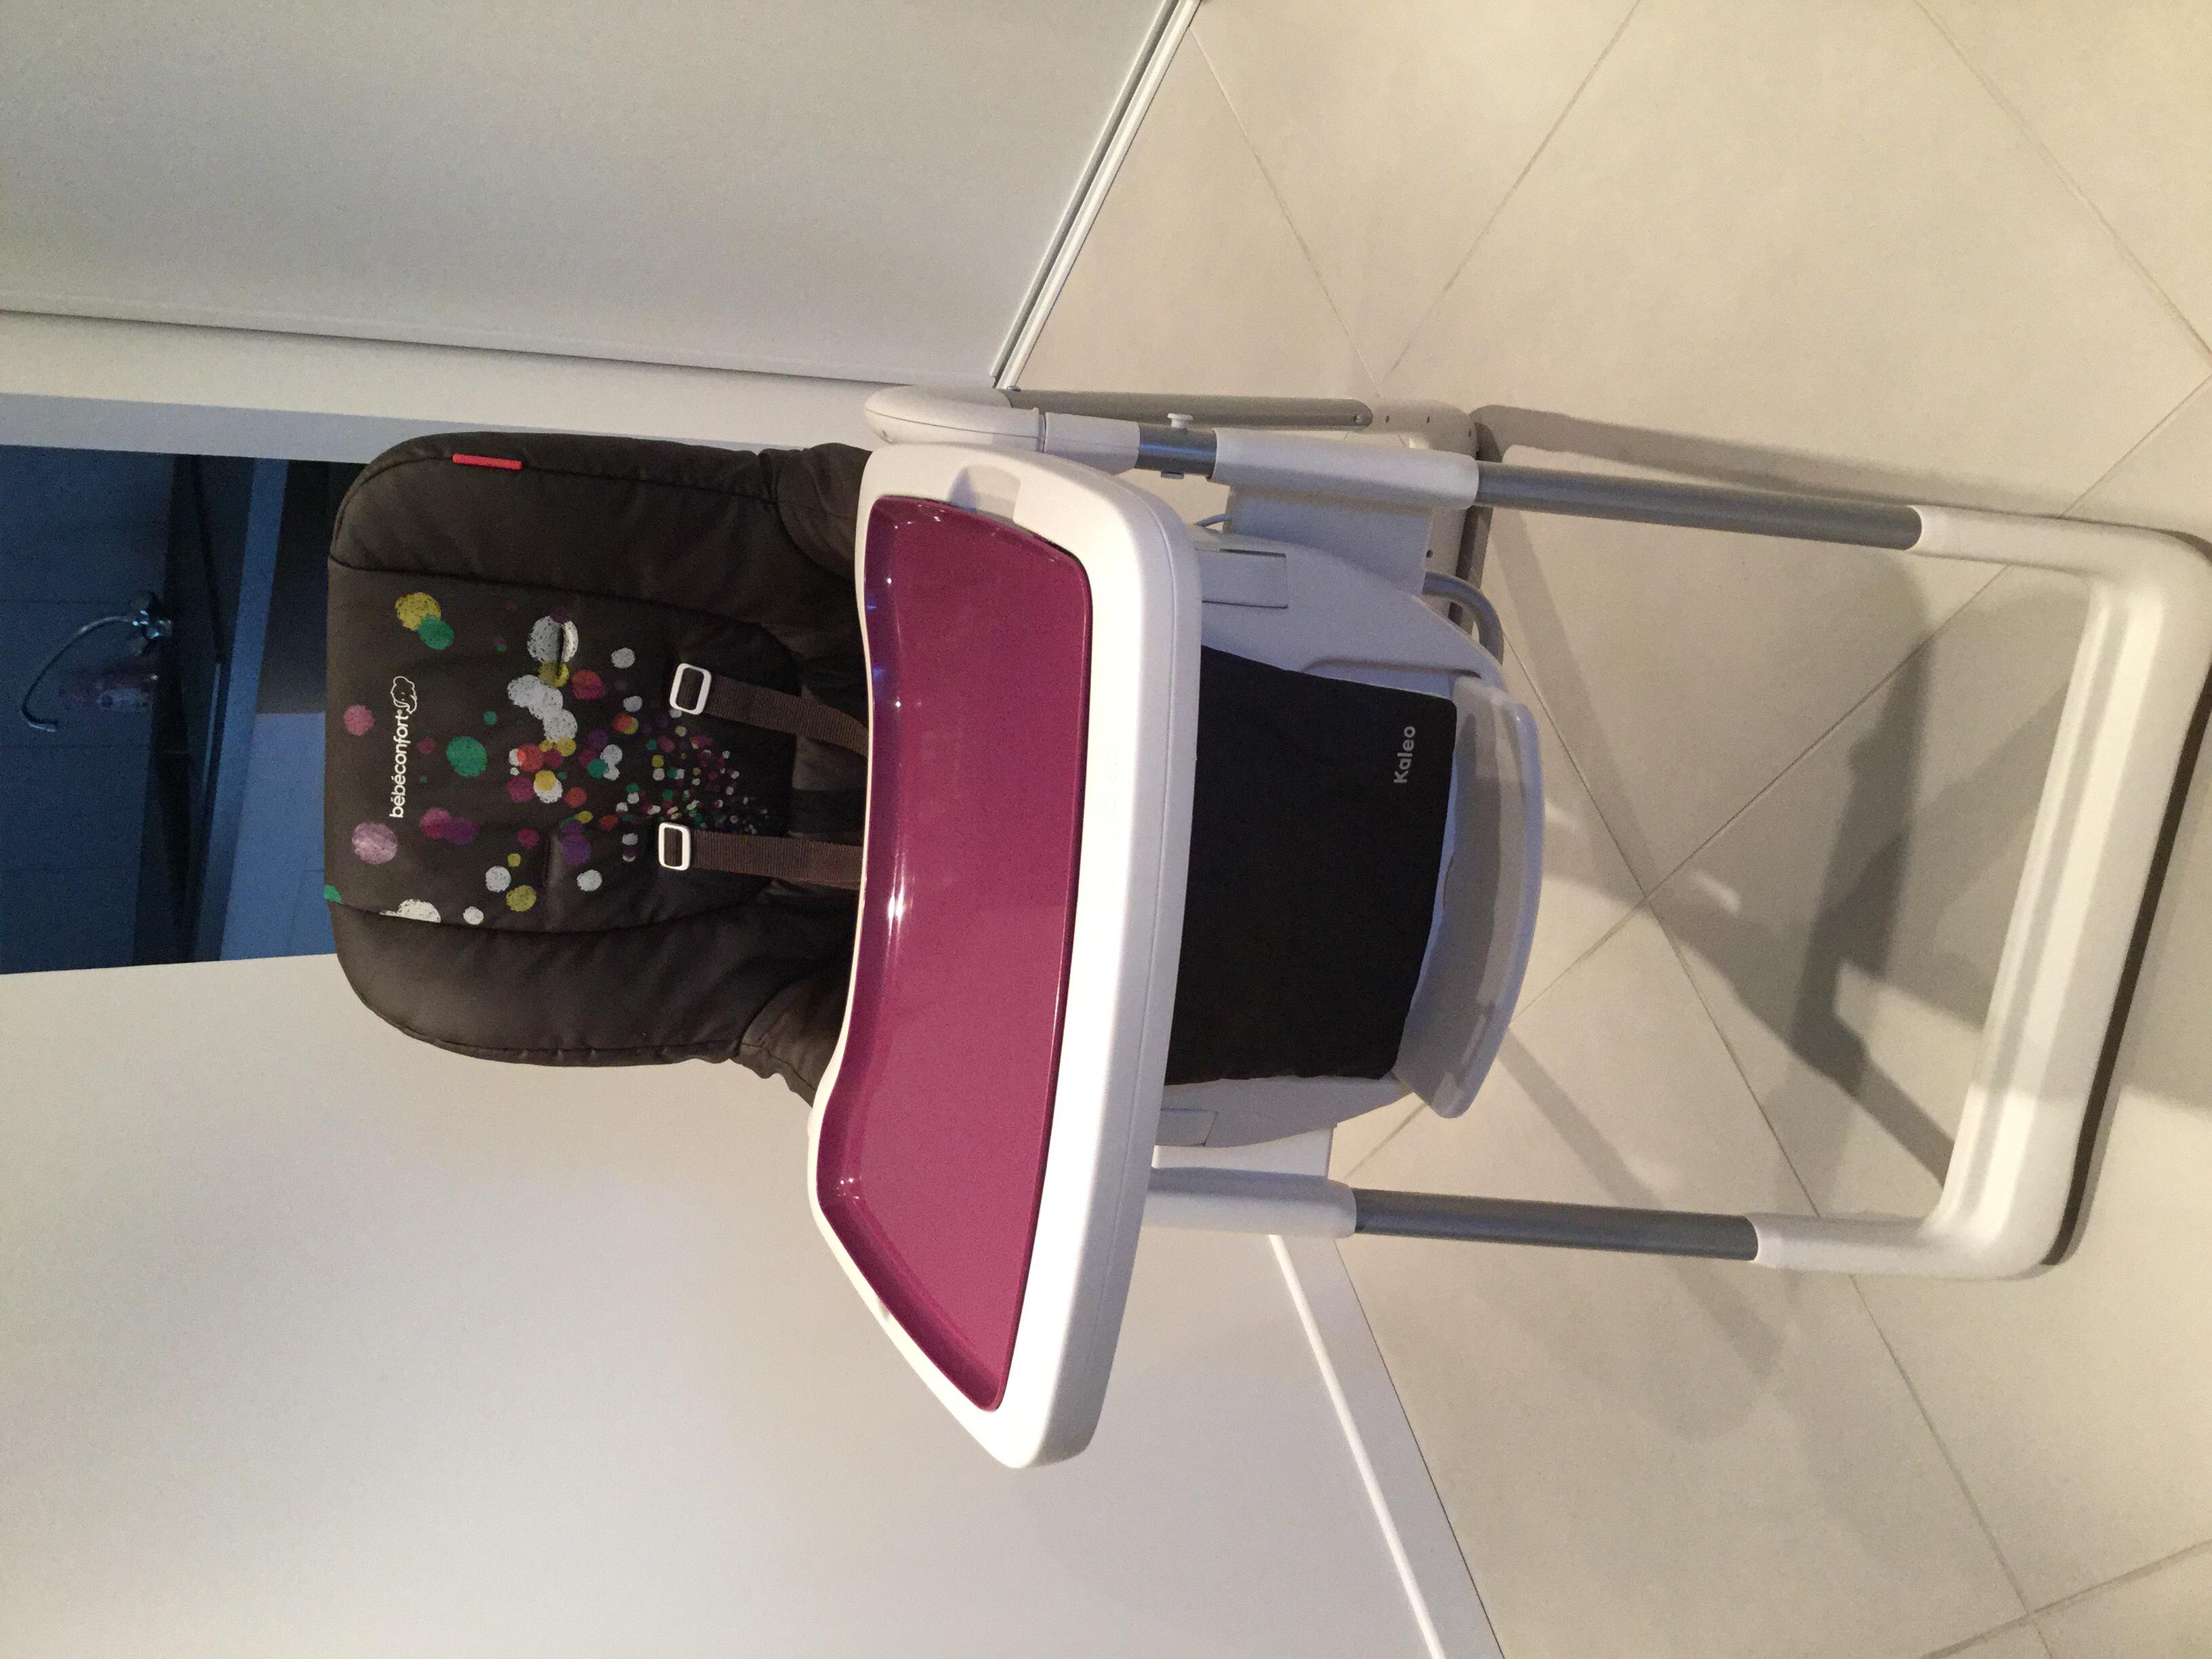 chaises hautes occasion dans le maine et loire 49 annonces achat et vente de chaises hautes. Black Bedroom Furniture Sets. Home Design Ideas